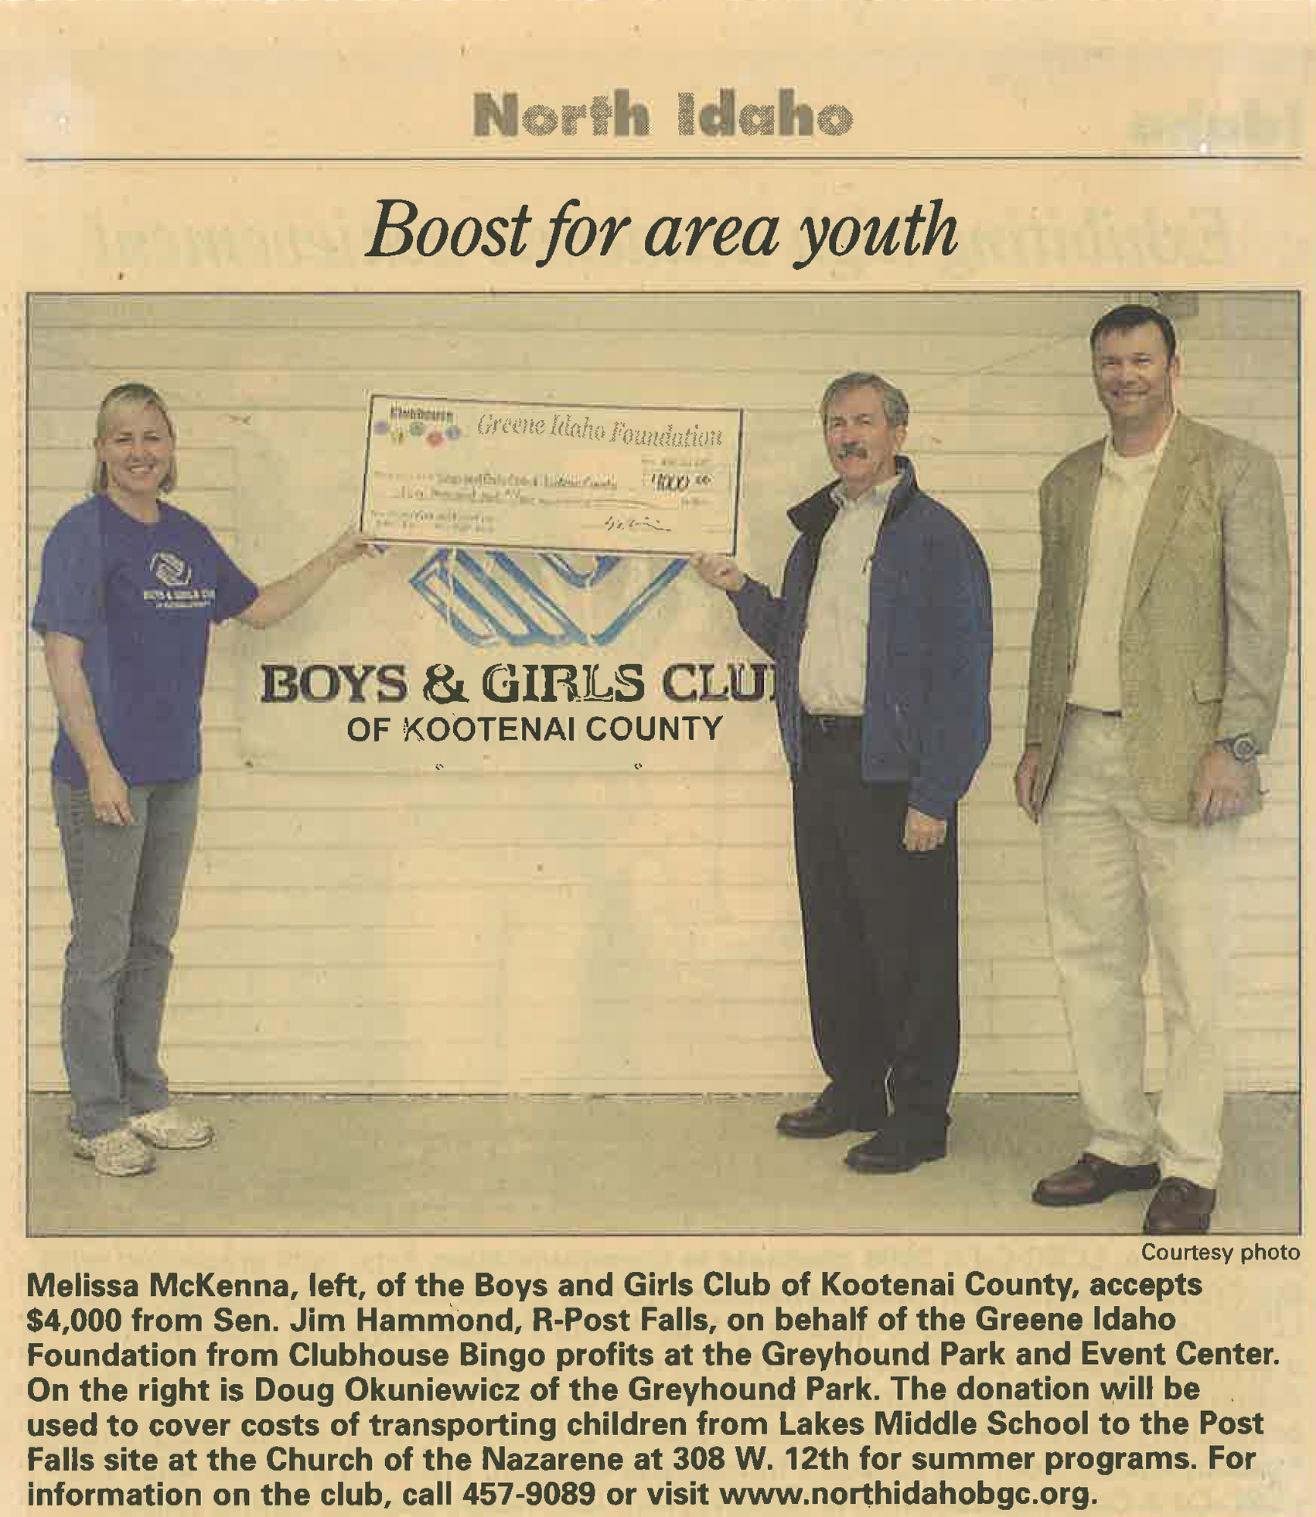 boys and girls club 4K circa 2009.png